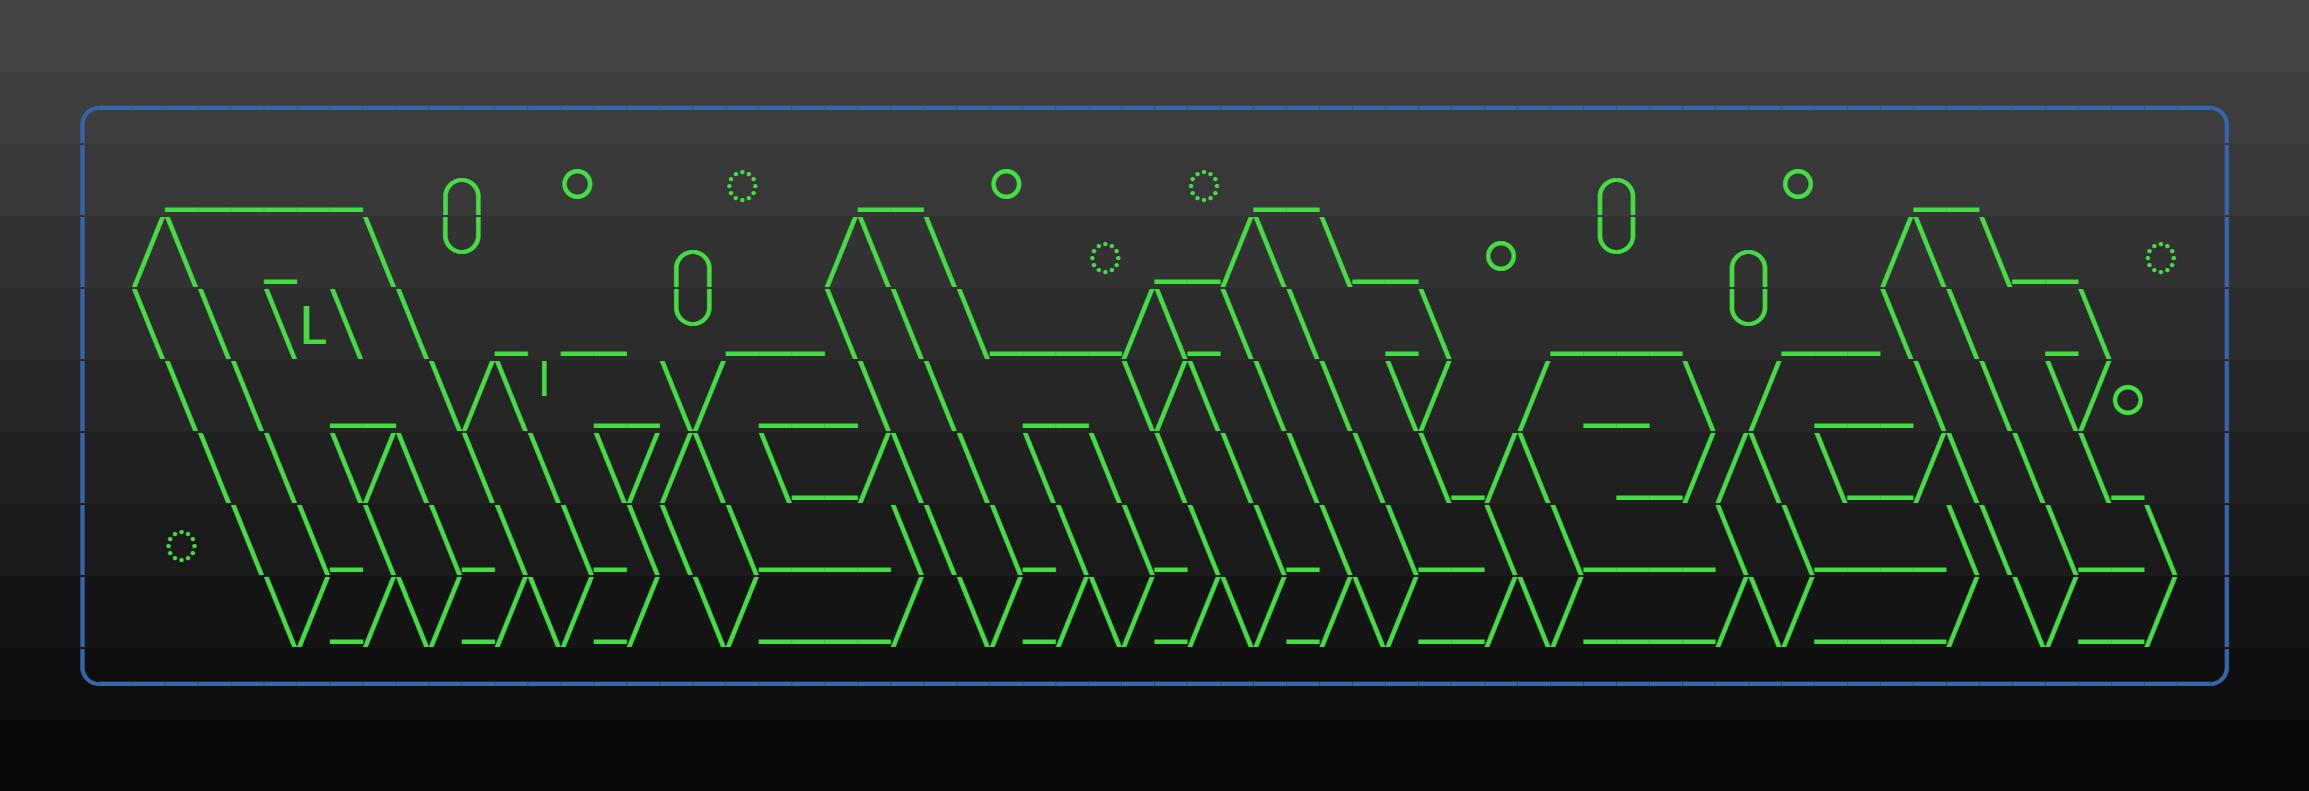 console-graphic